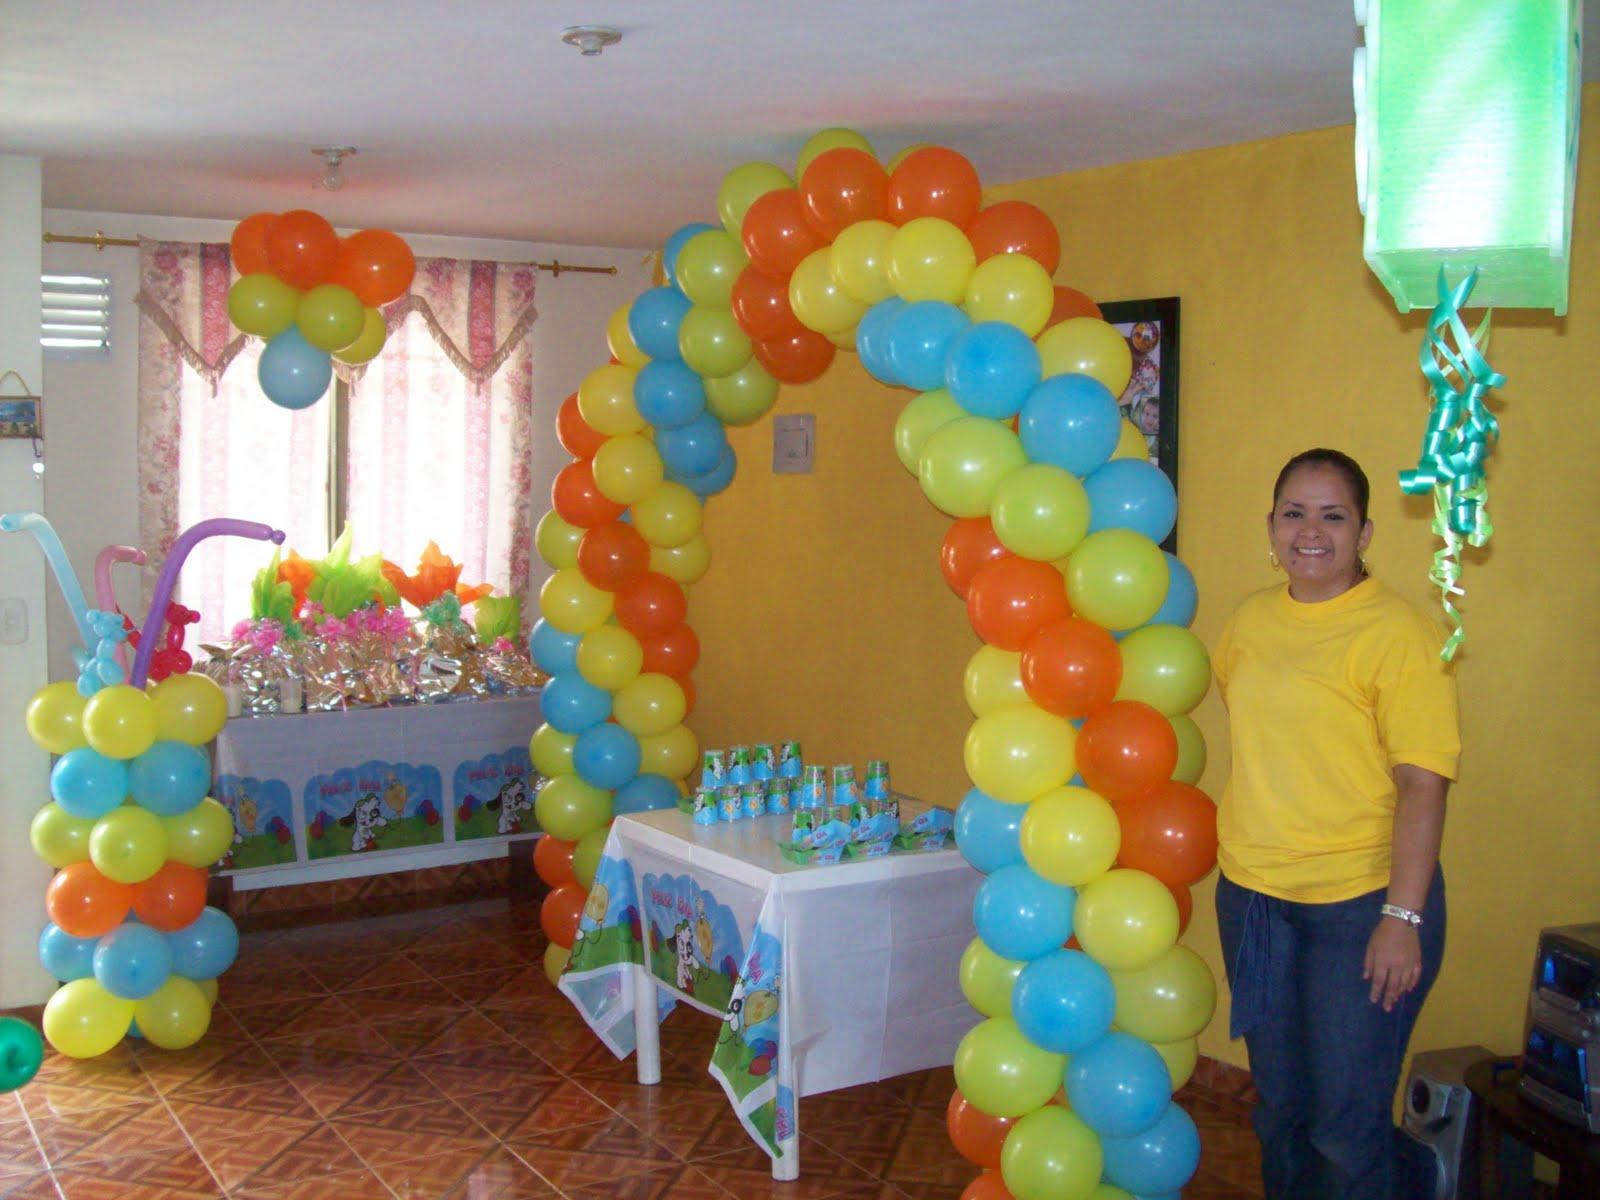 Decoracion fiestas infantiles medellin tematica doky - Decoracion de cumpleanos infantiles ...